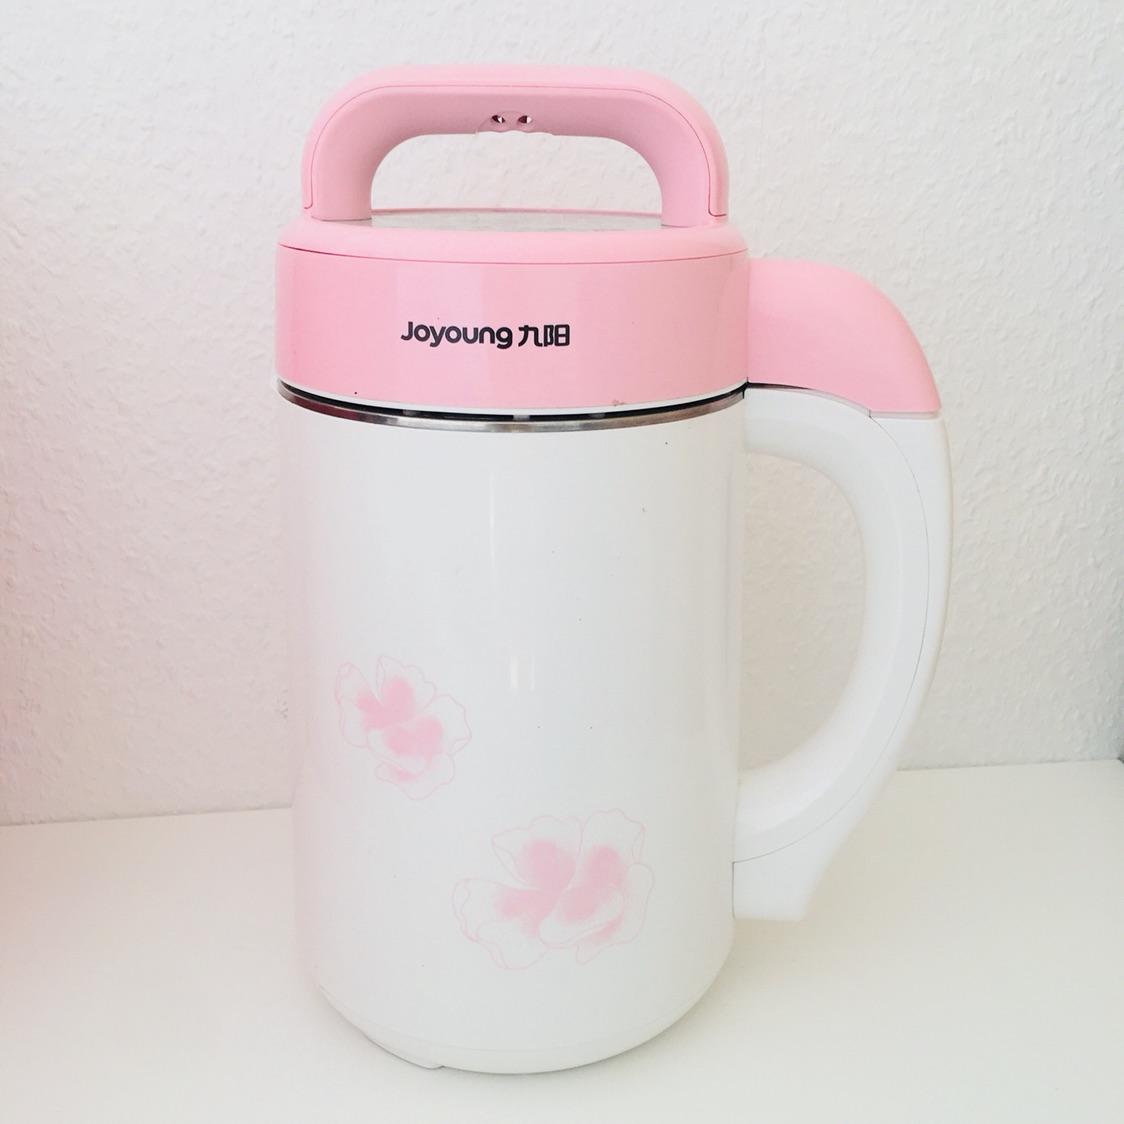 绿豆汤🍵柠檬水🍋荞麦茶🥃来都干了它!